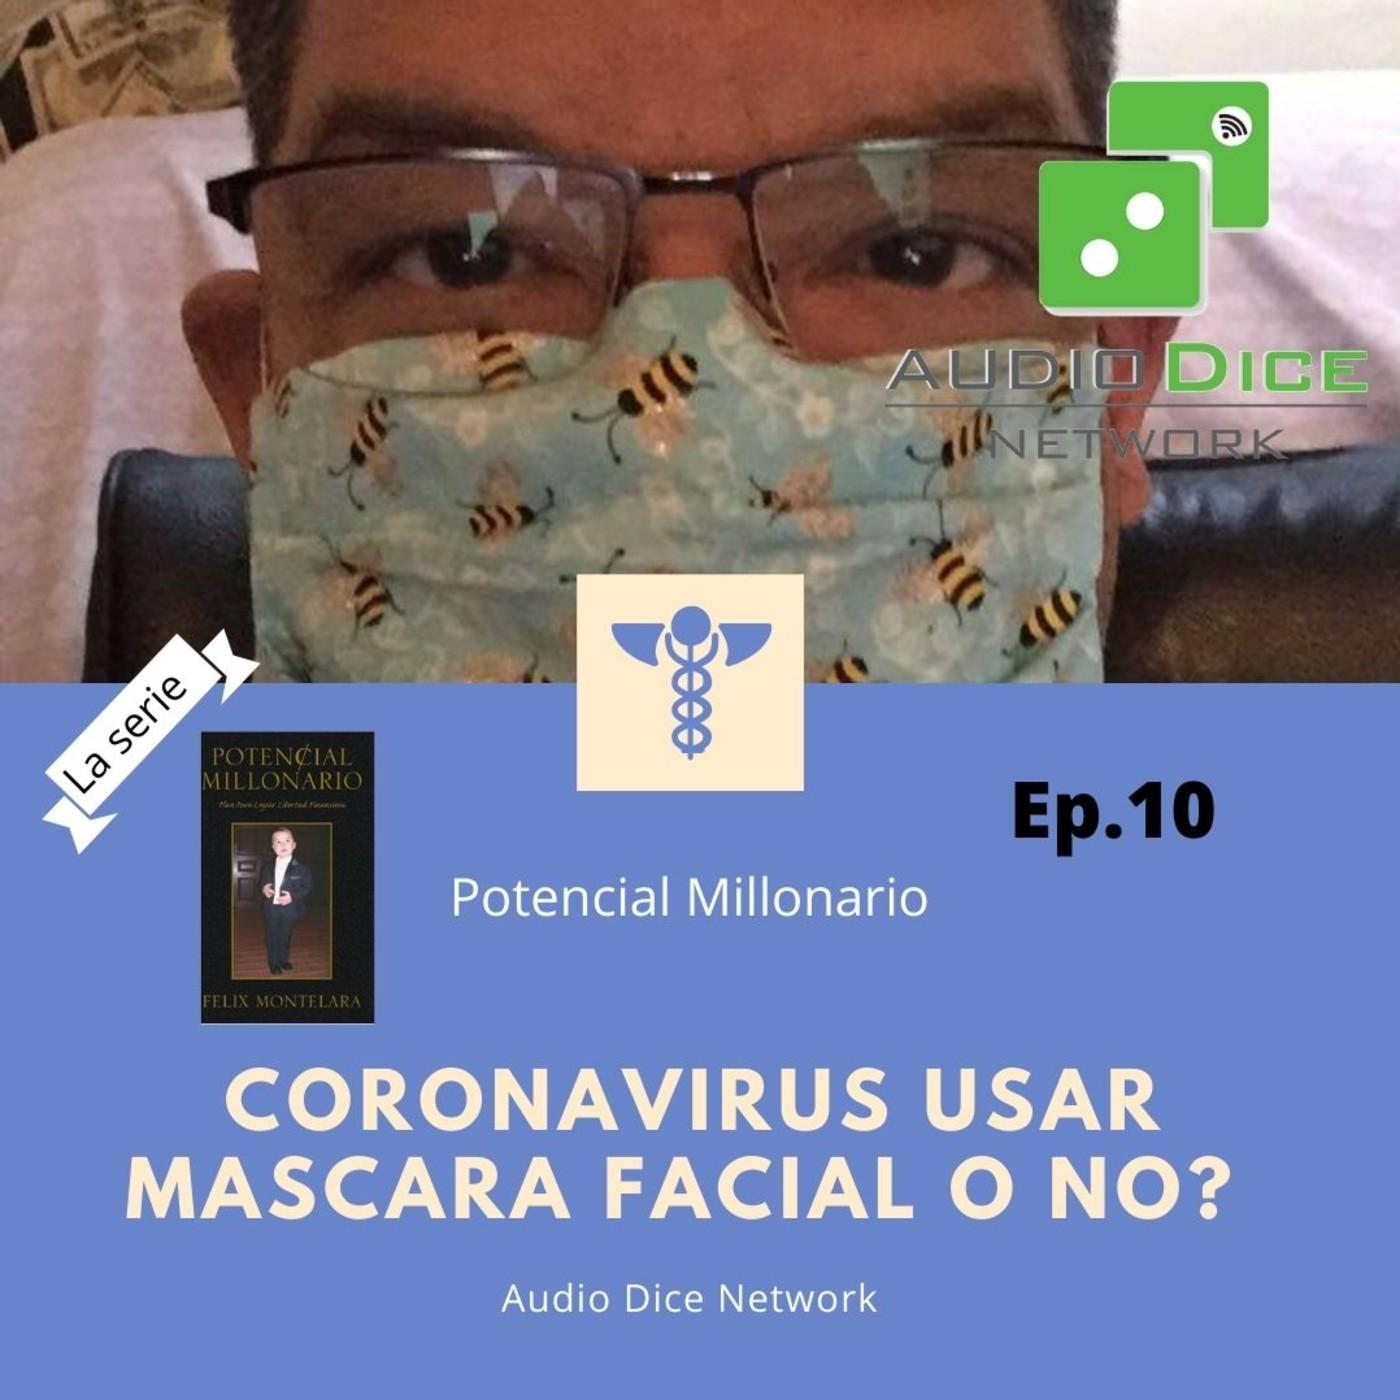 Coronavirus ¿Usar Mascara Facial o No?